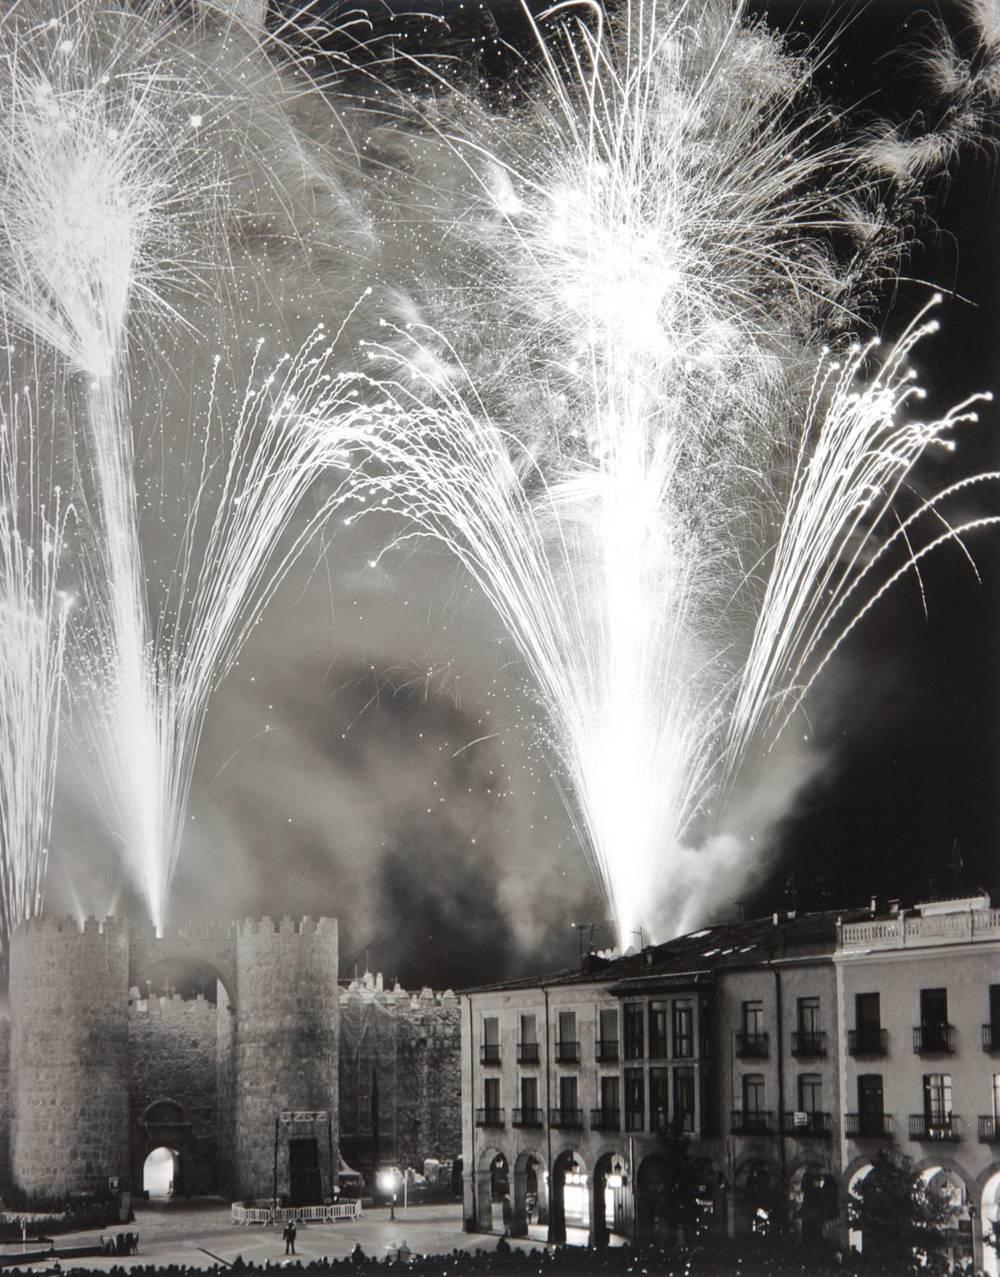 Festival in Ávila (Spain)